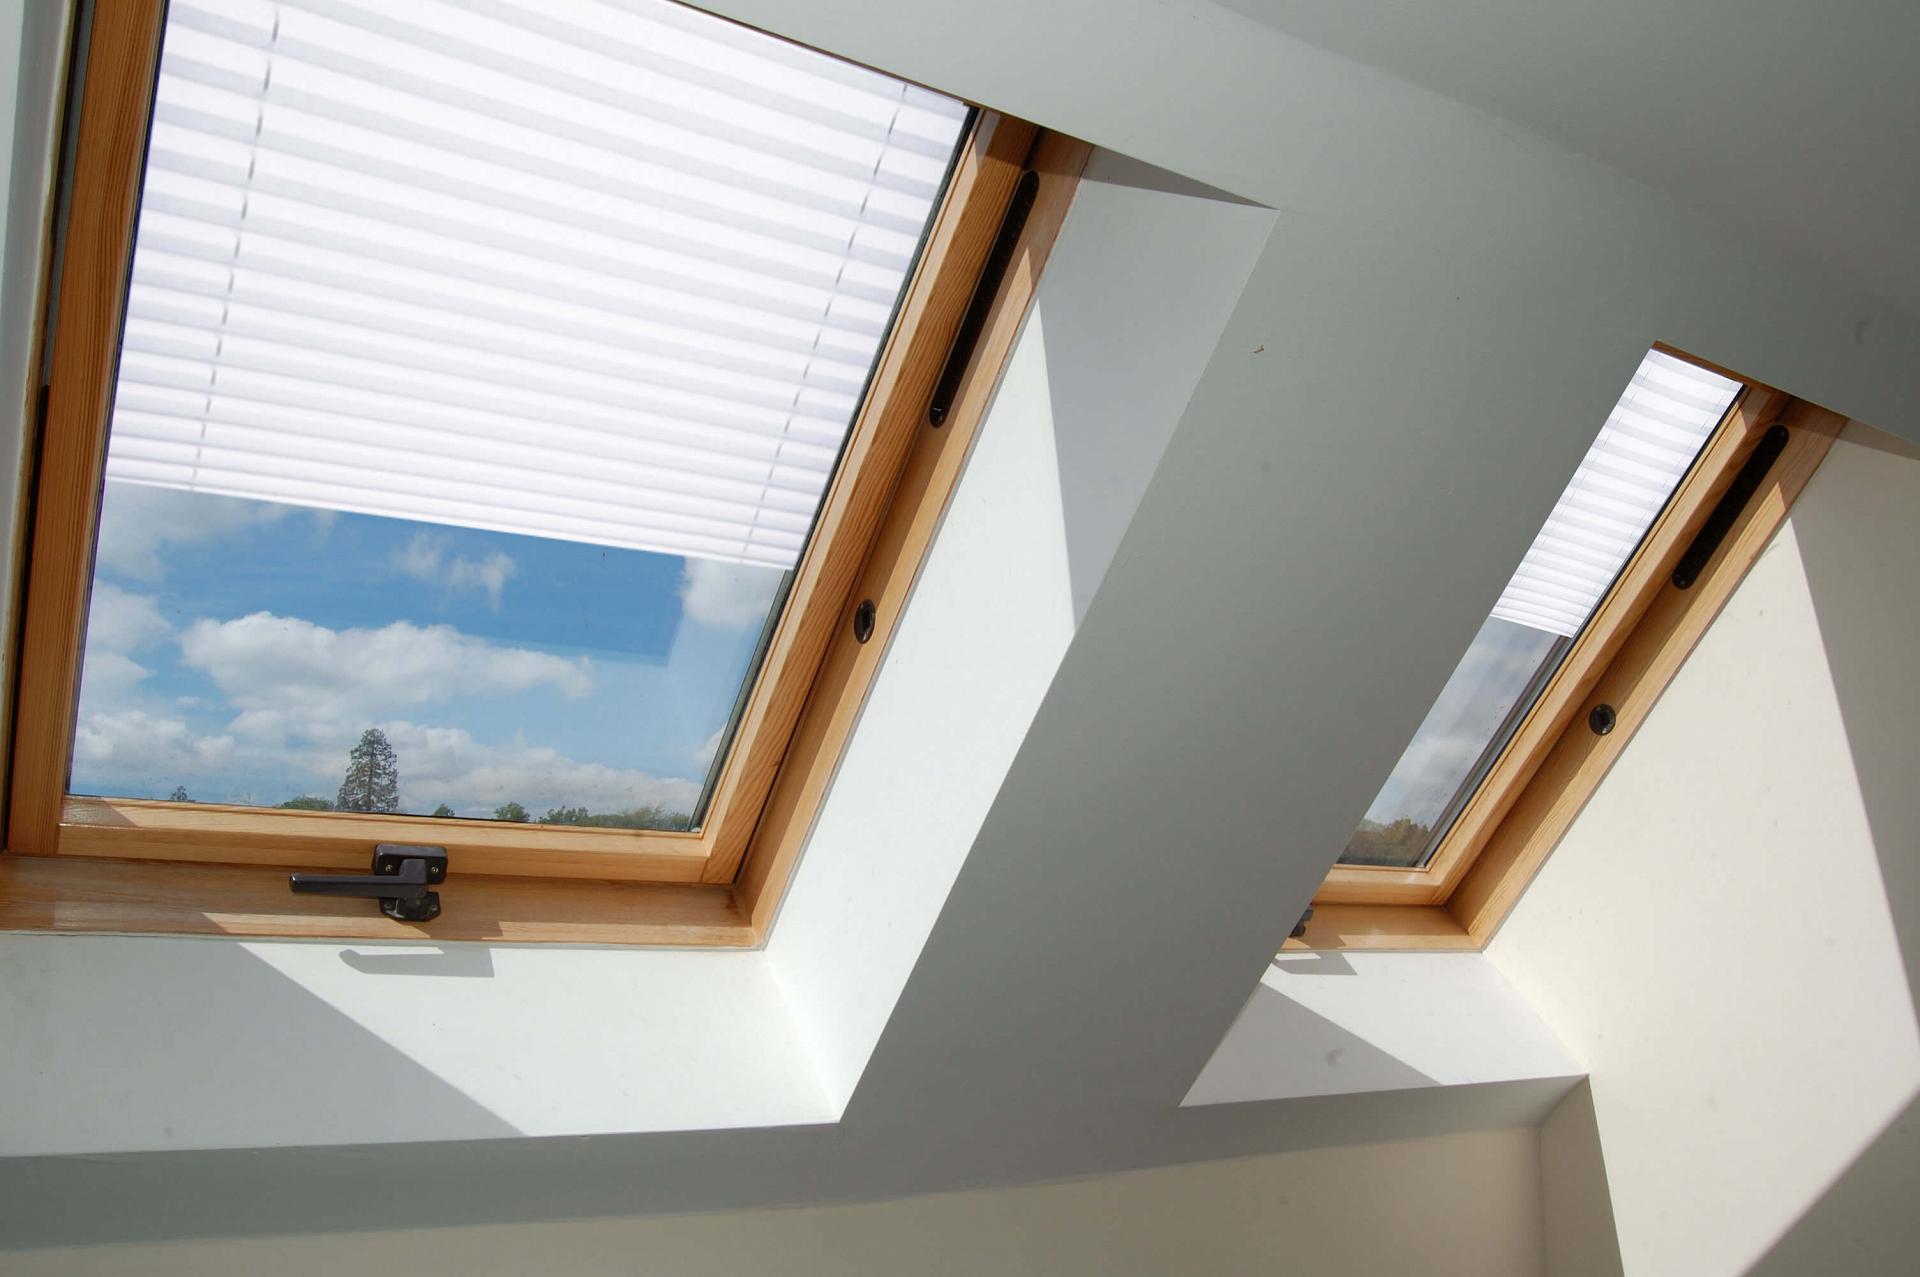 Full Size of Plissee Kinderzimmer Dachfenster Fr Ohne Bohren Regal Sofa Fenster Weiß Regale Kinderzimmer Plissee Kinderzimmer